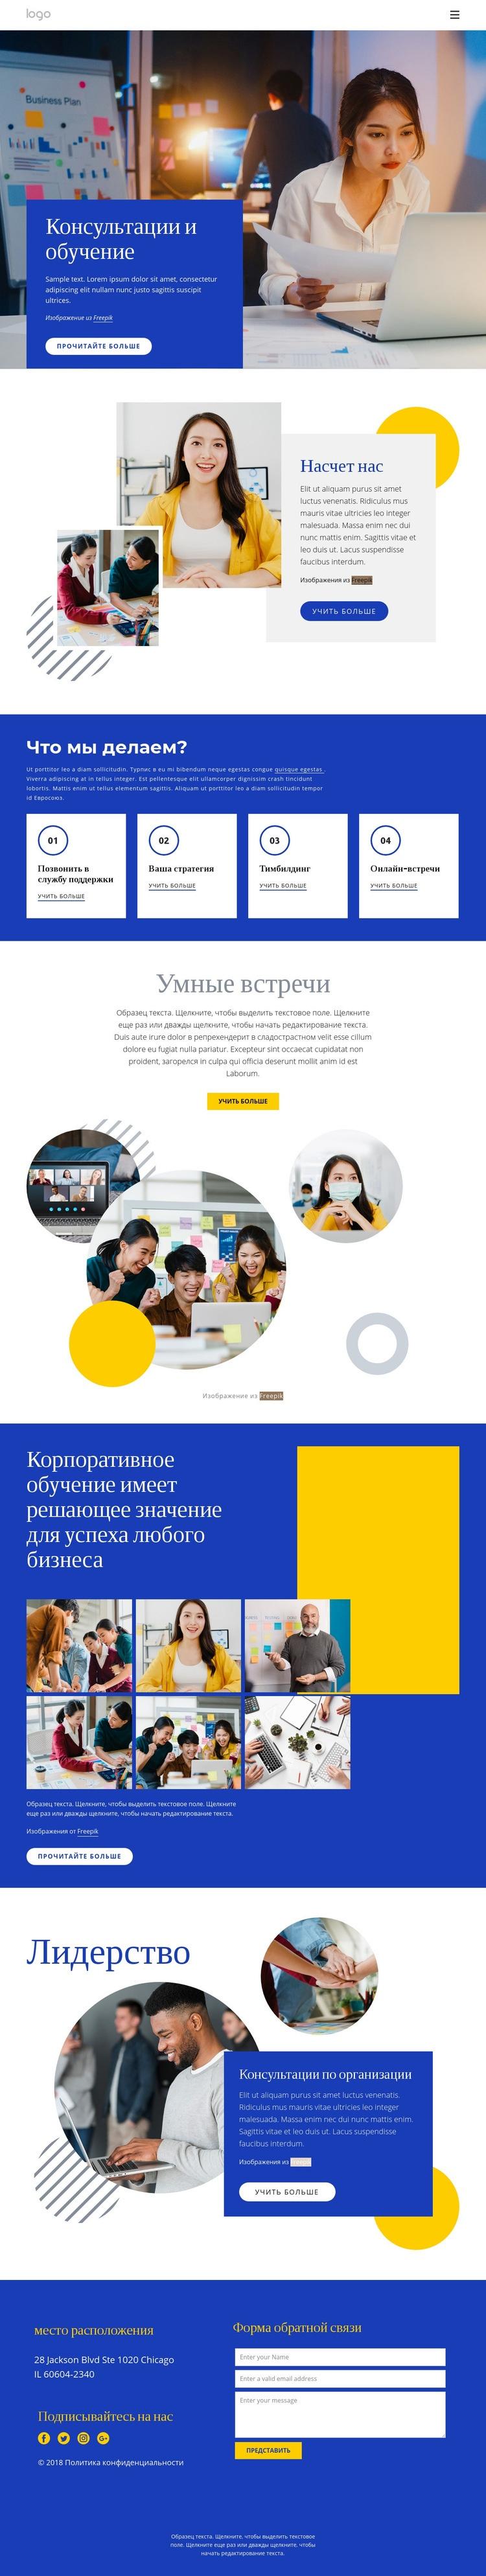 Консультации и обучение Шаблон веб-сайта